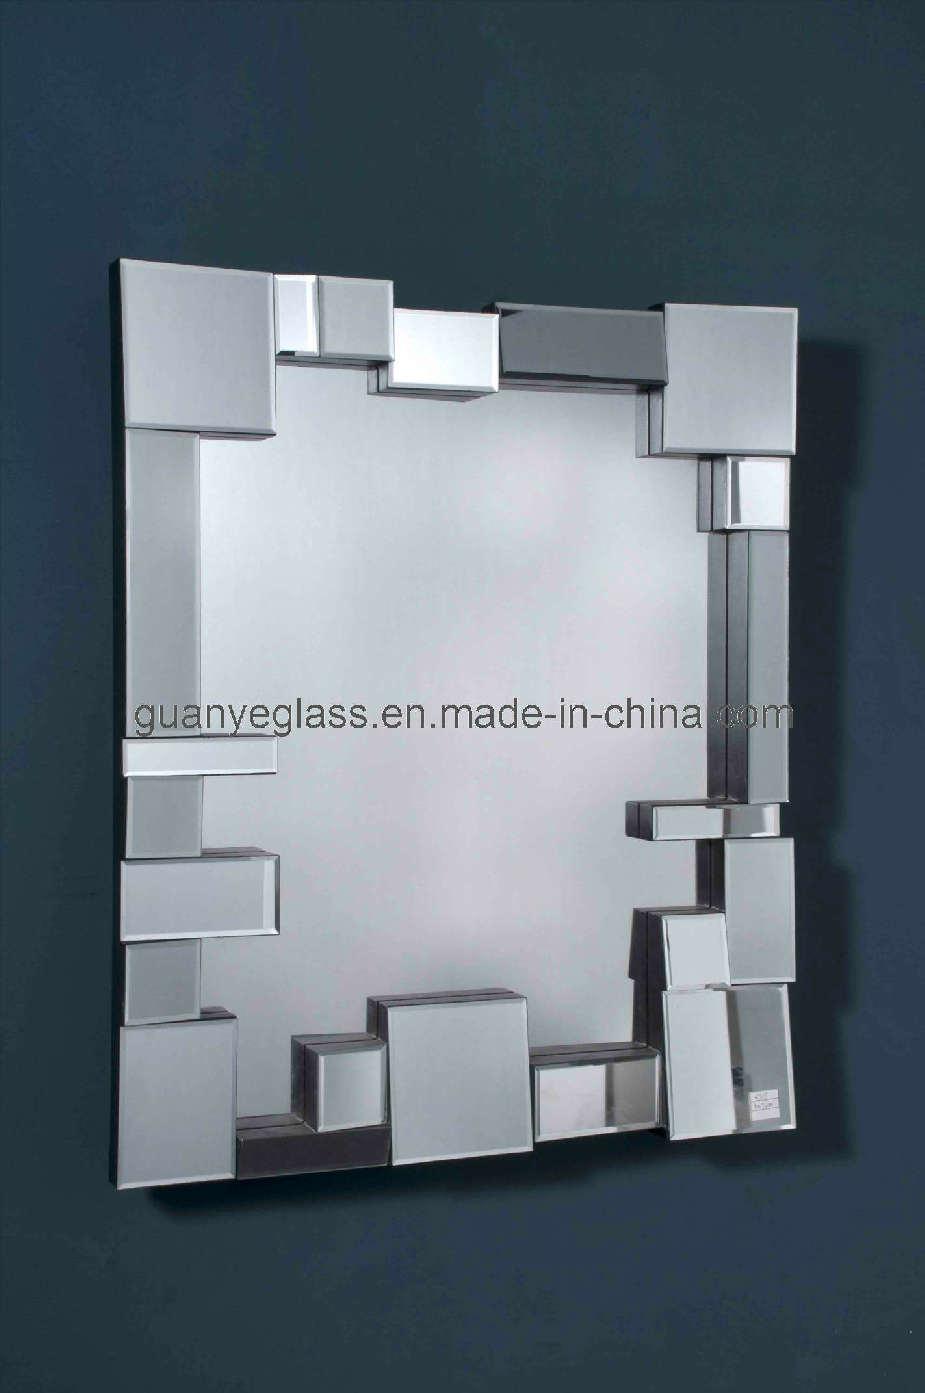 miroir moderne de jisaw d 39 espace libre de m tier de main. Black Bedroom Furniture Sets. Home Design Ideas